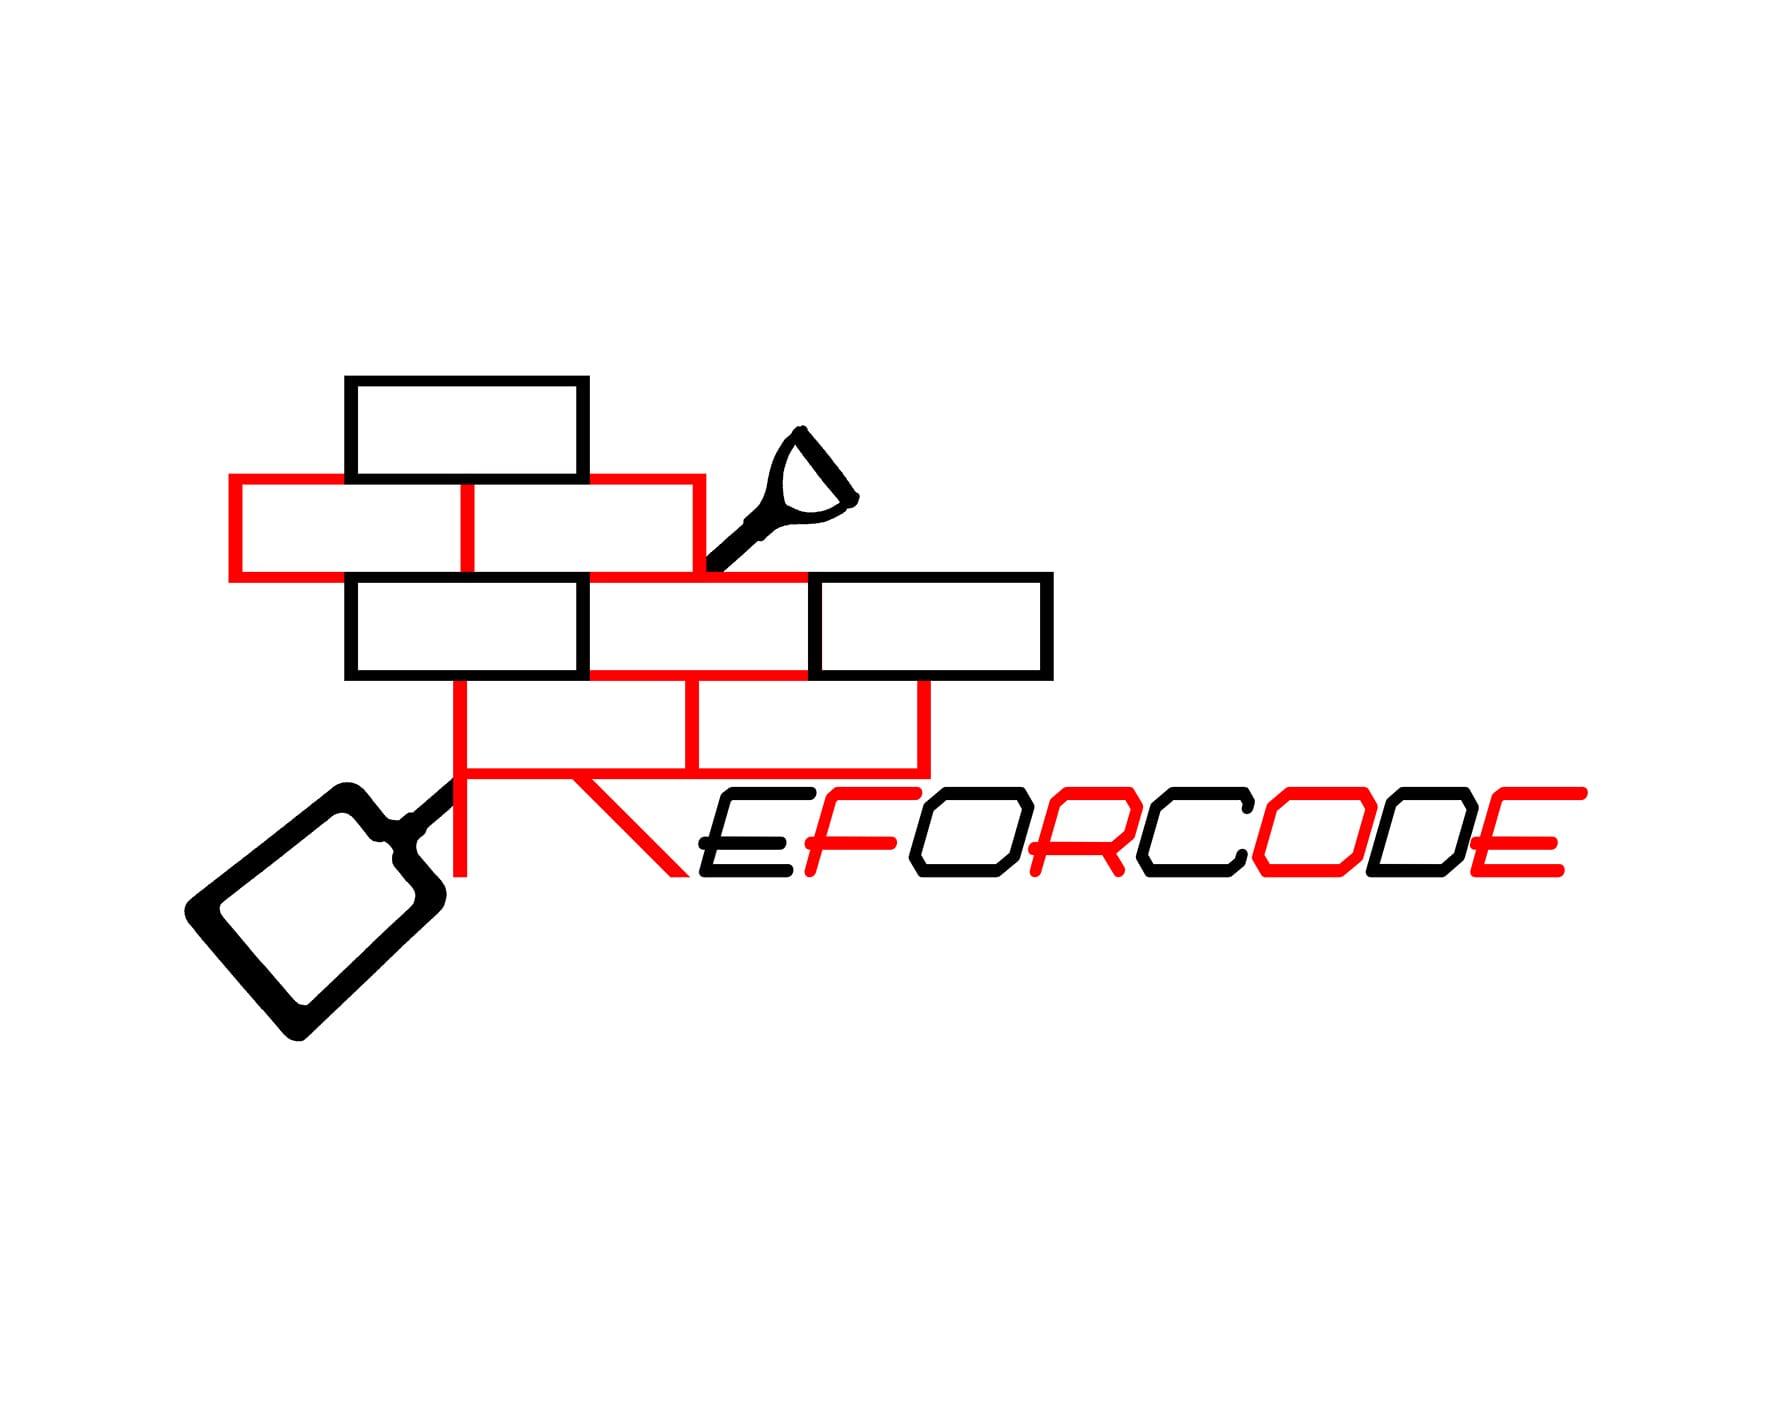 Construcciones y restauraciones Reforcode